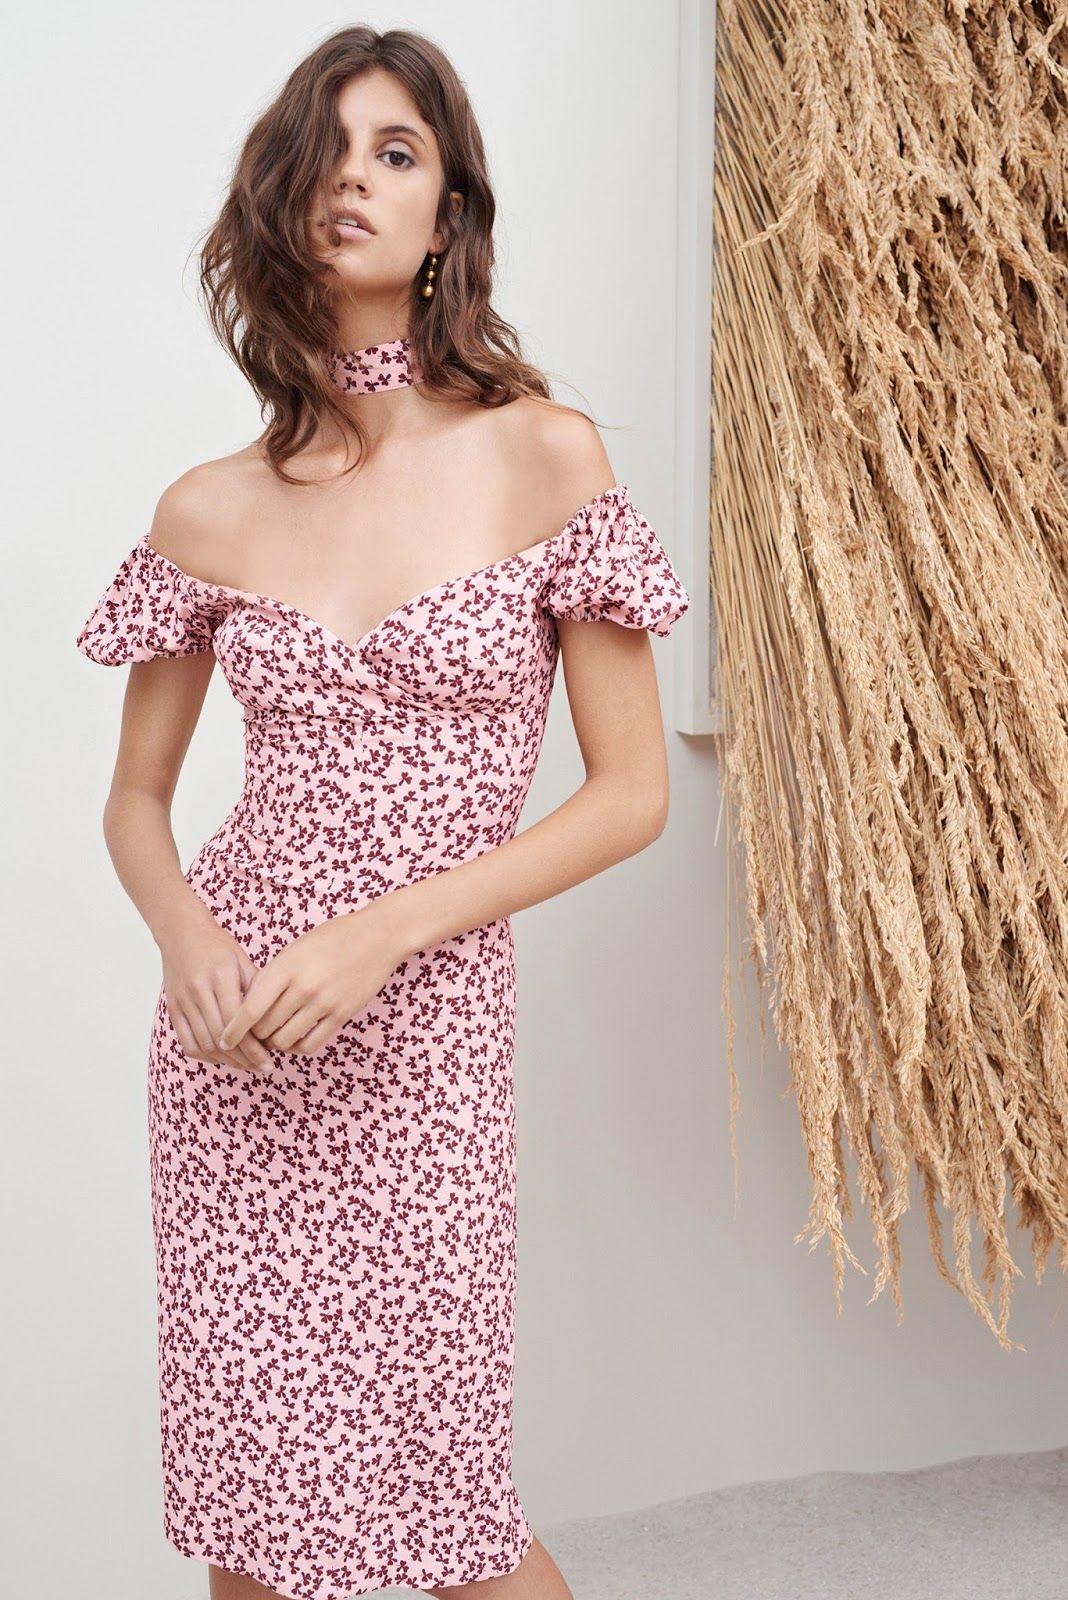 Pin de Natalie Lyon en Just Fashion | Pinterest